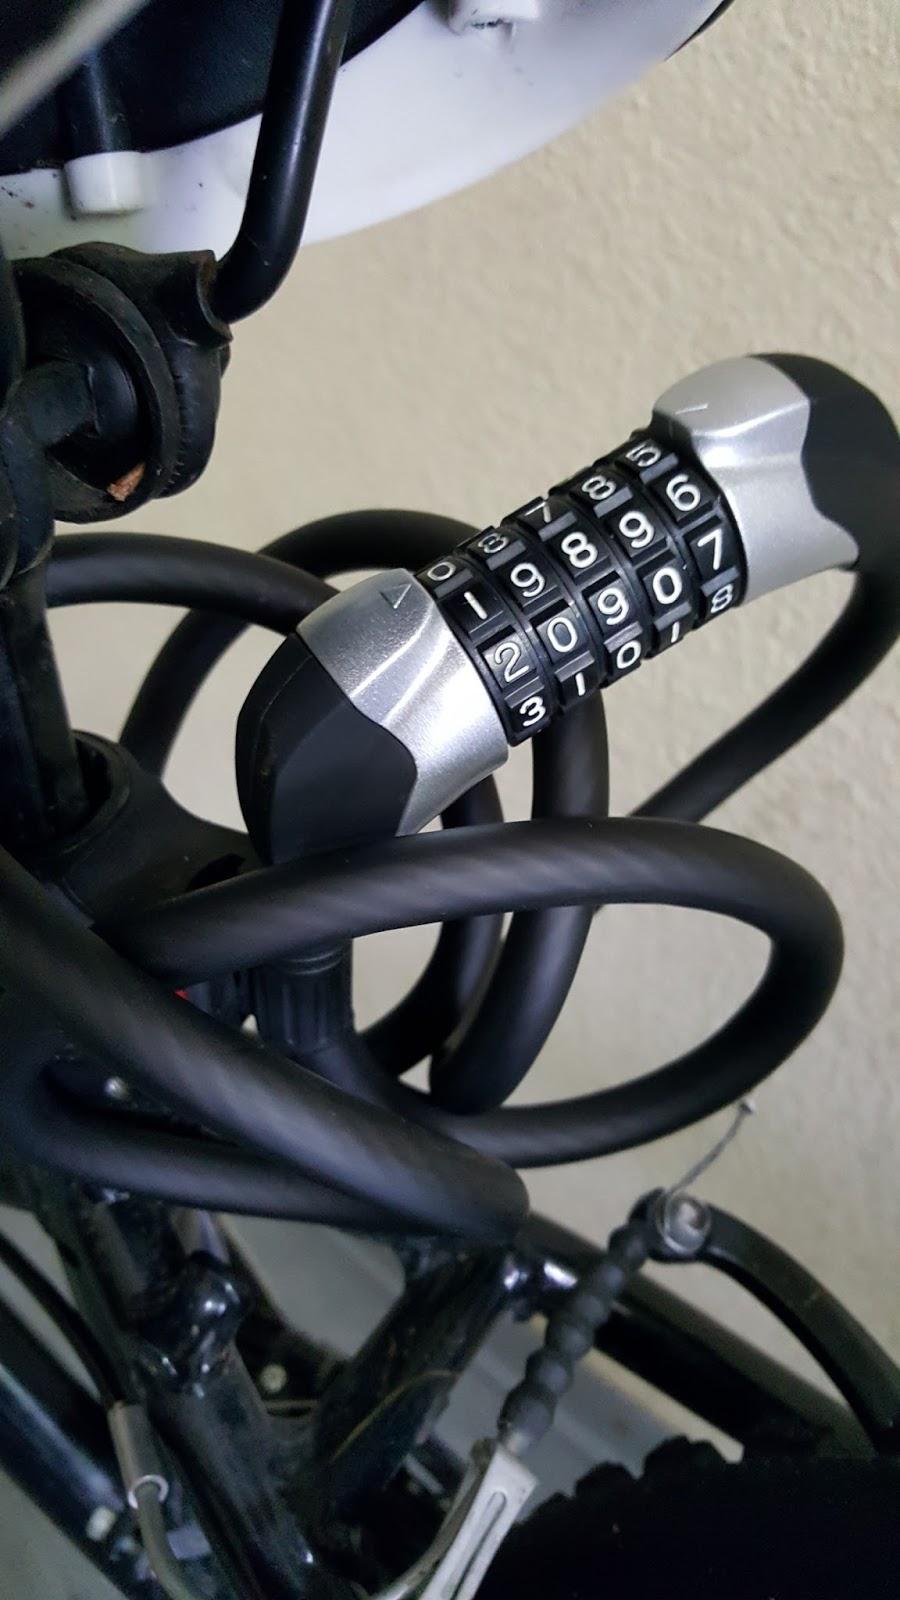 lahr2006 testet fahrradschloss blusmart mit 5stelliger. Black Bedroom Furniture Sets. Home Design Ideas